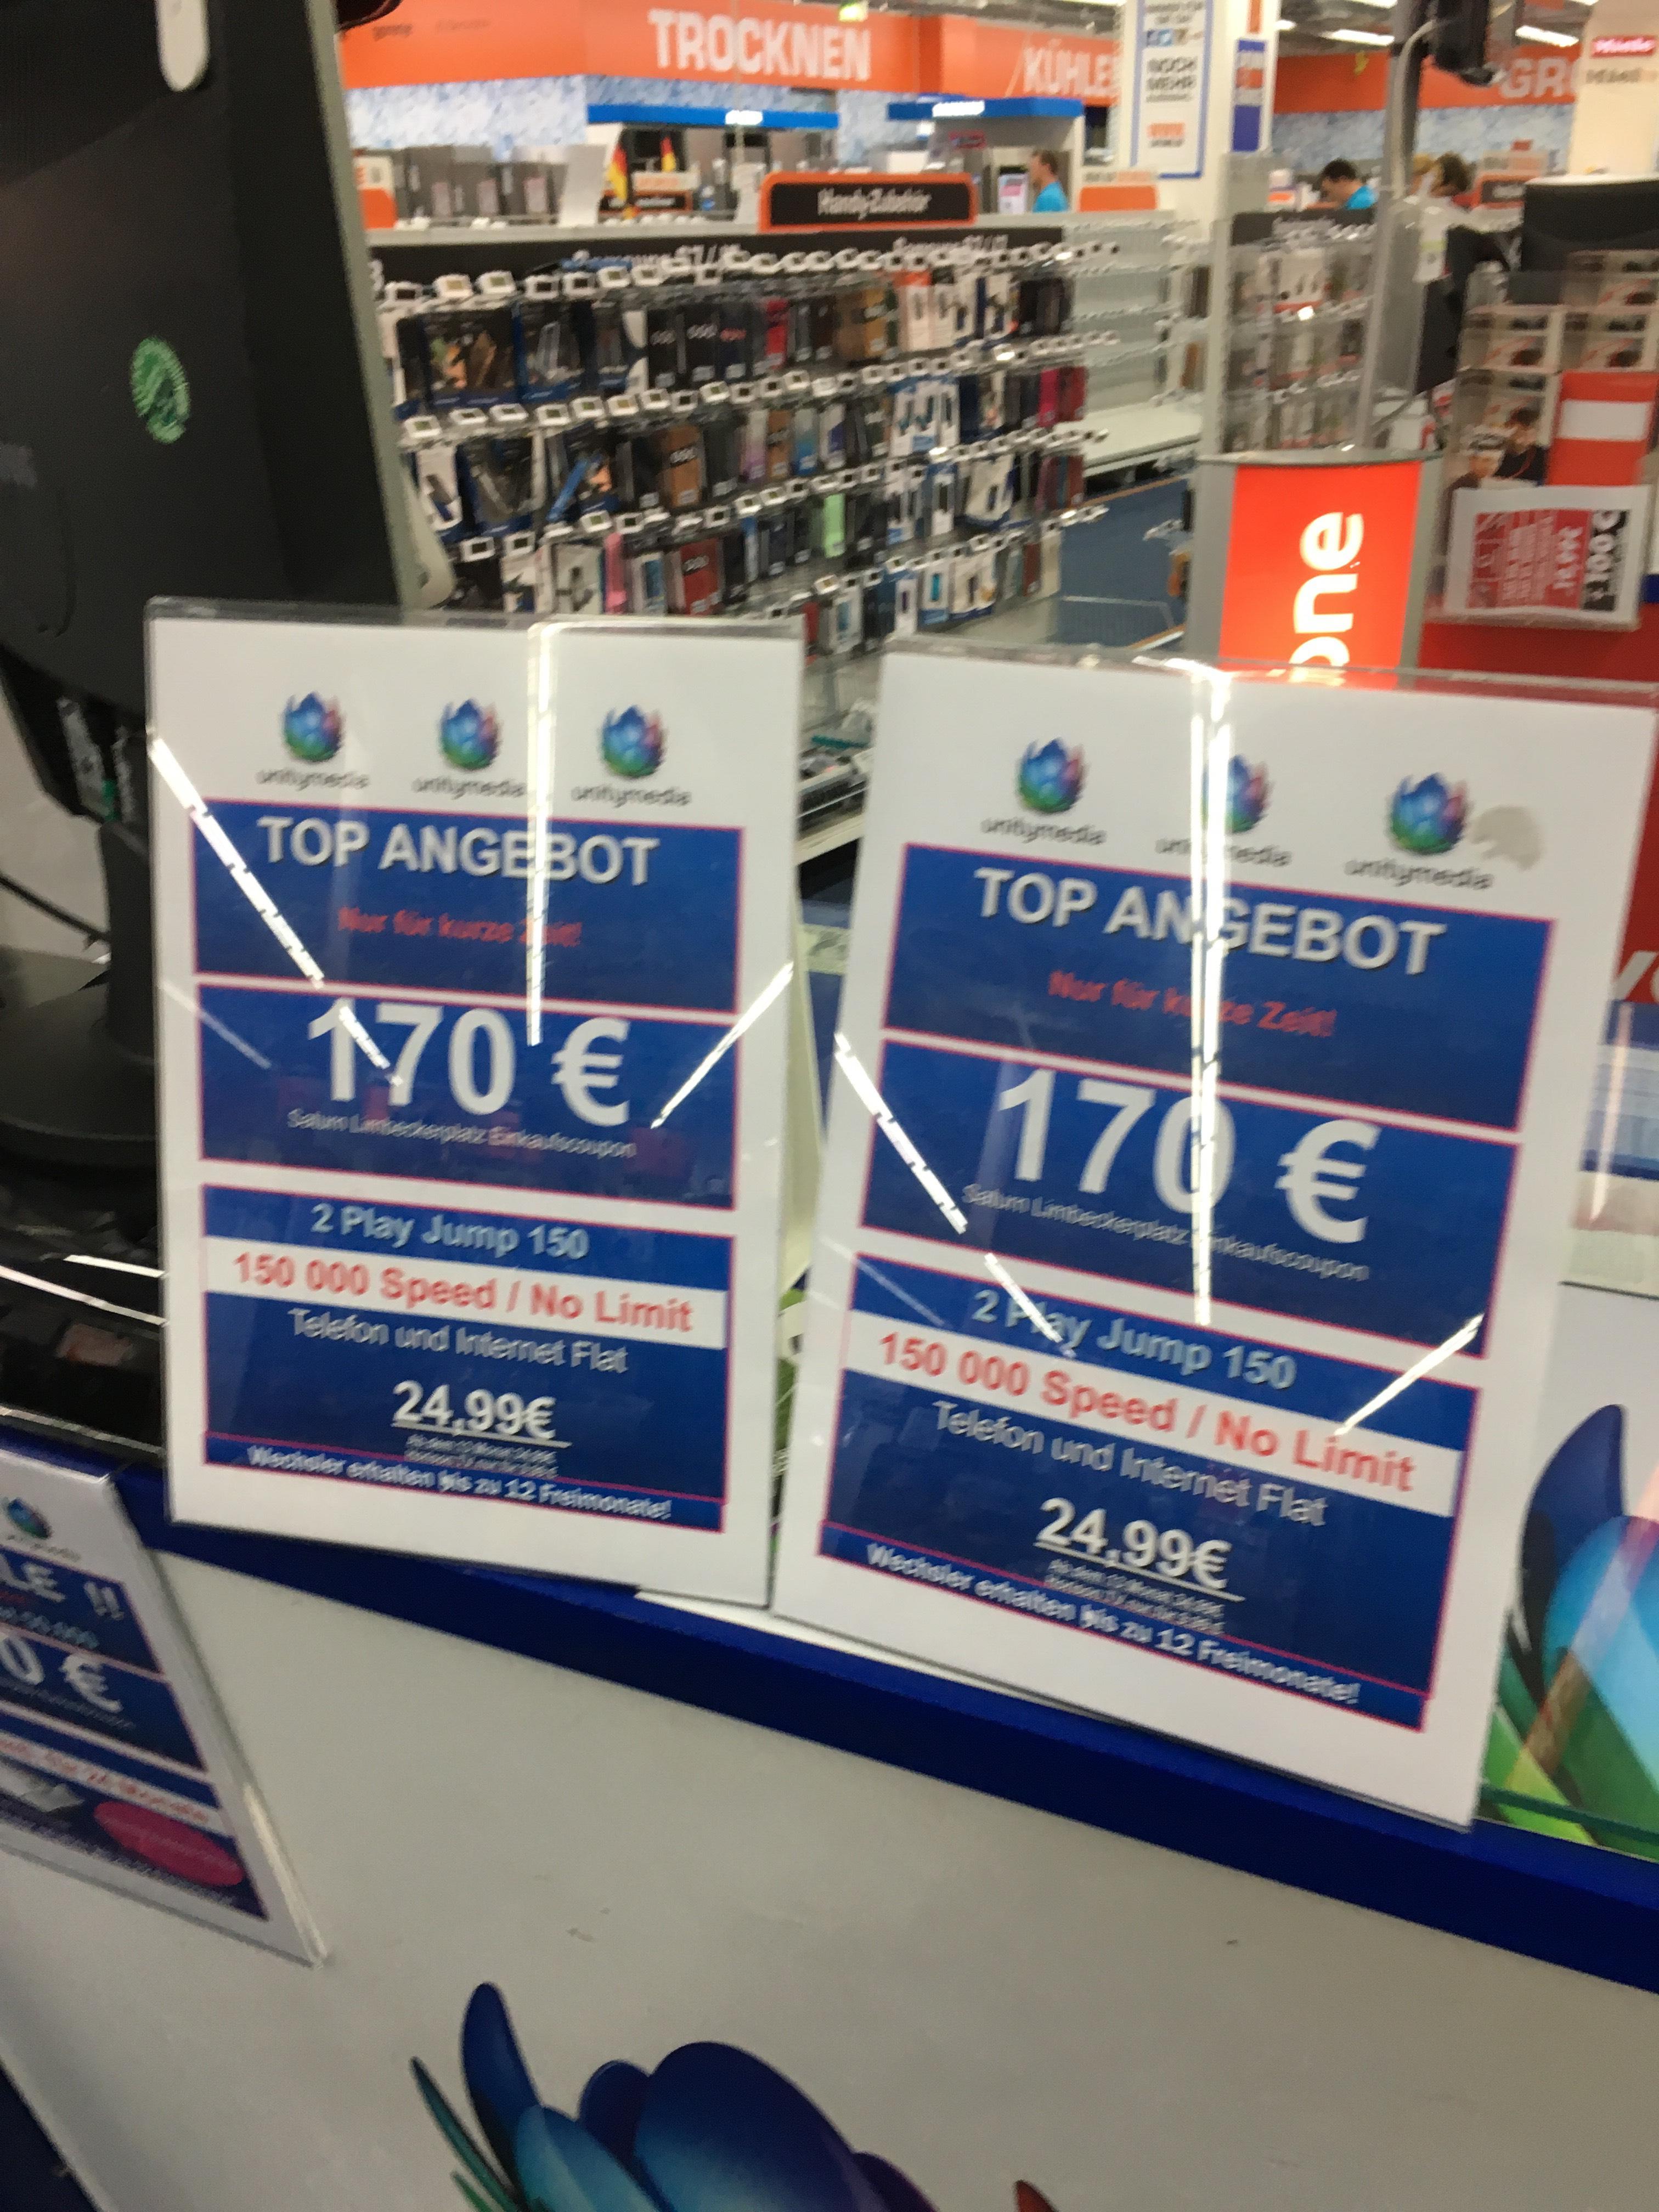 Unitymedia 2Play Jump 150 mit 170€ Einkaufsgutschein bei Saturn in Essen